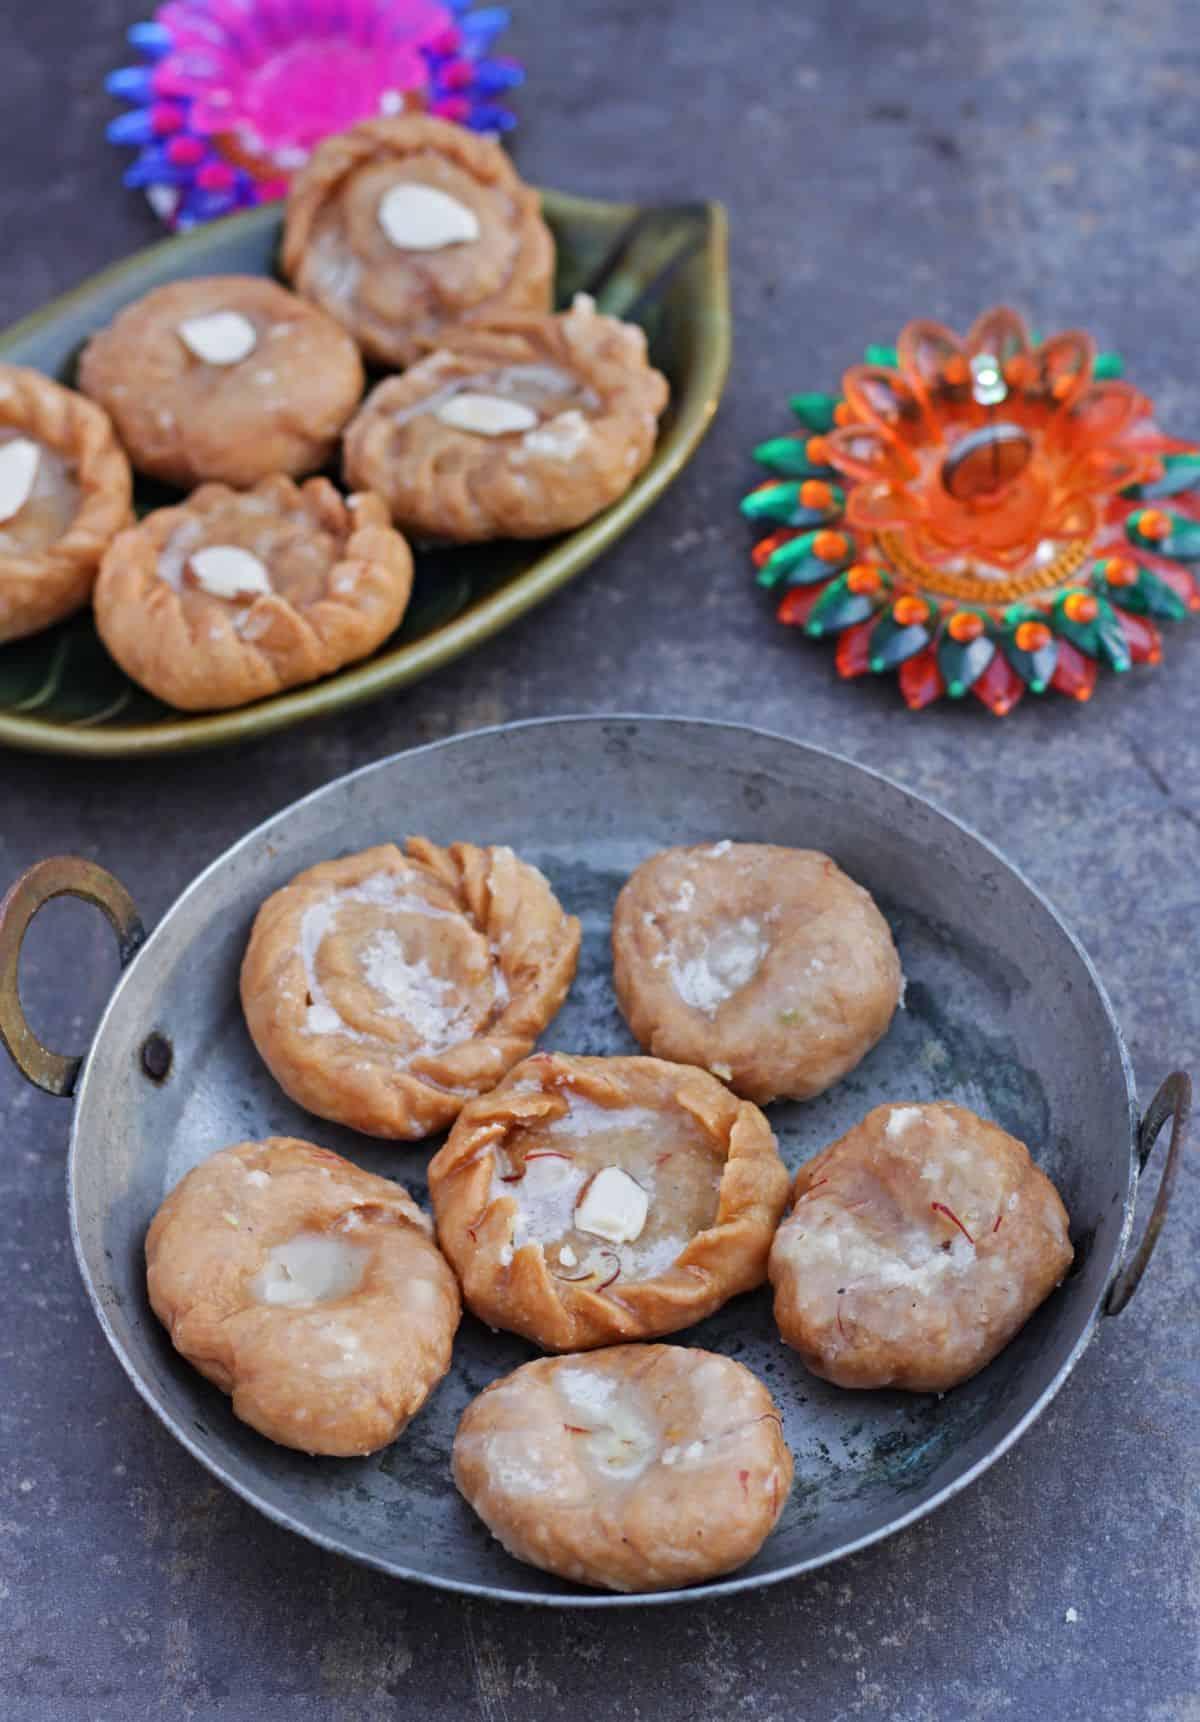 Badusha in a plate